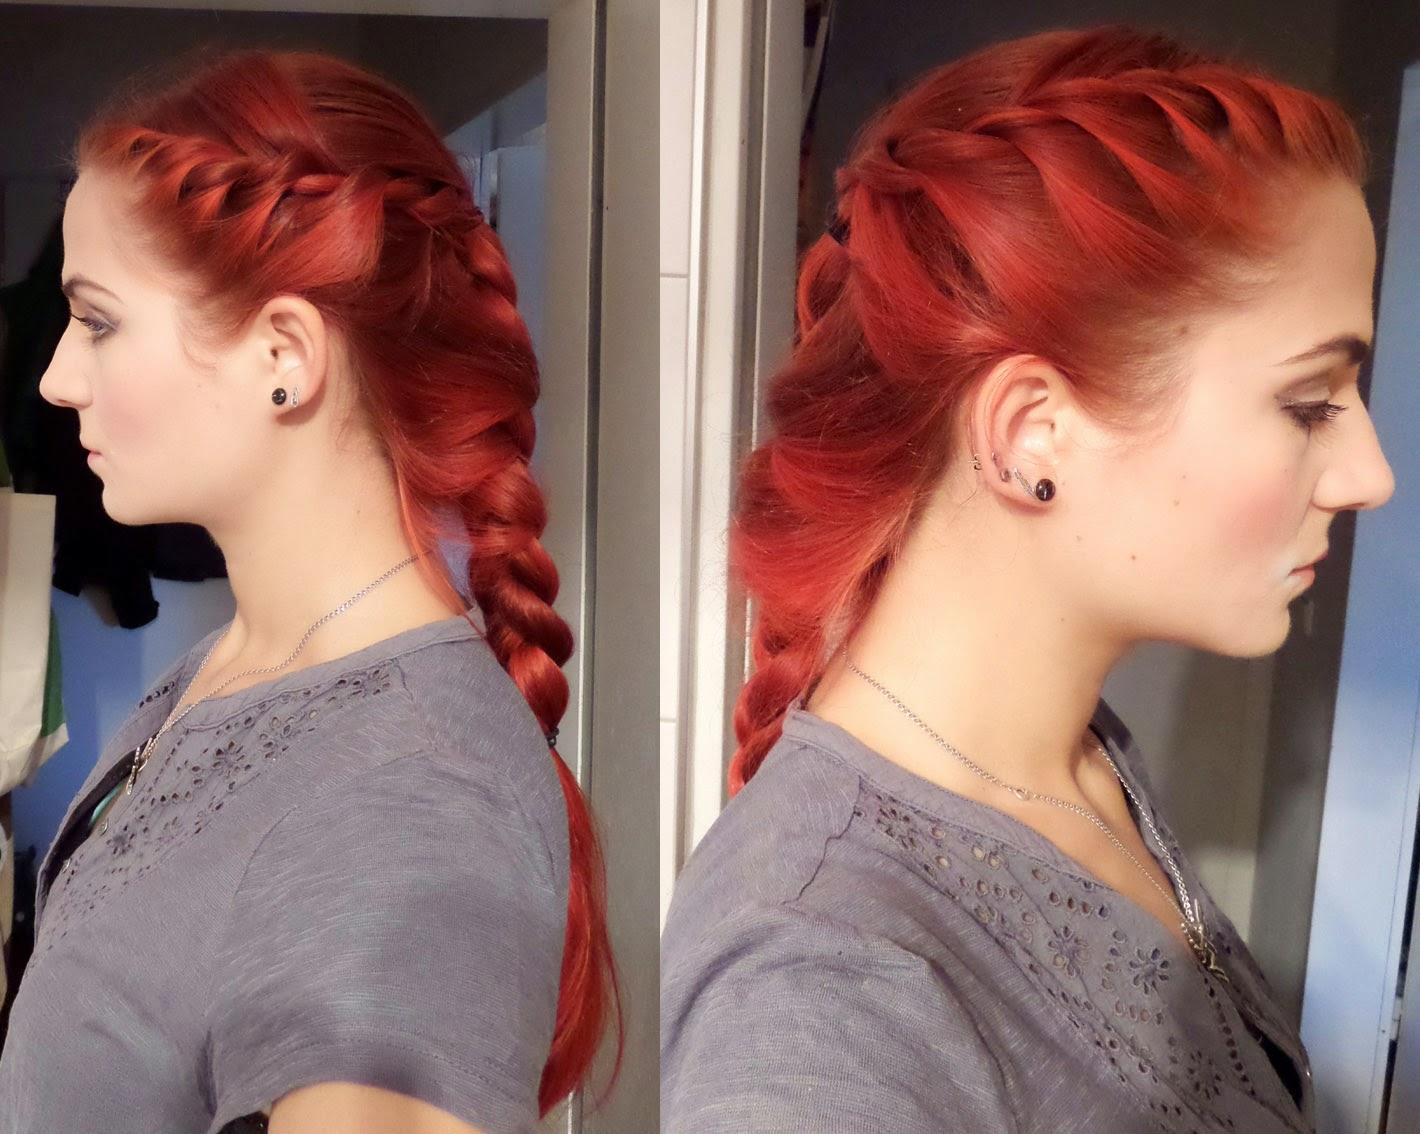 [Mädchenkram] Haare - Sonntagsfrisur #5